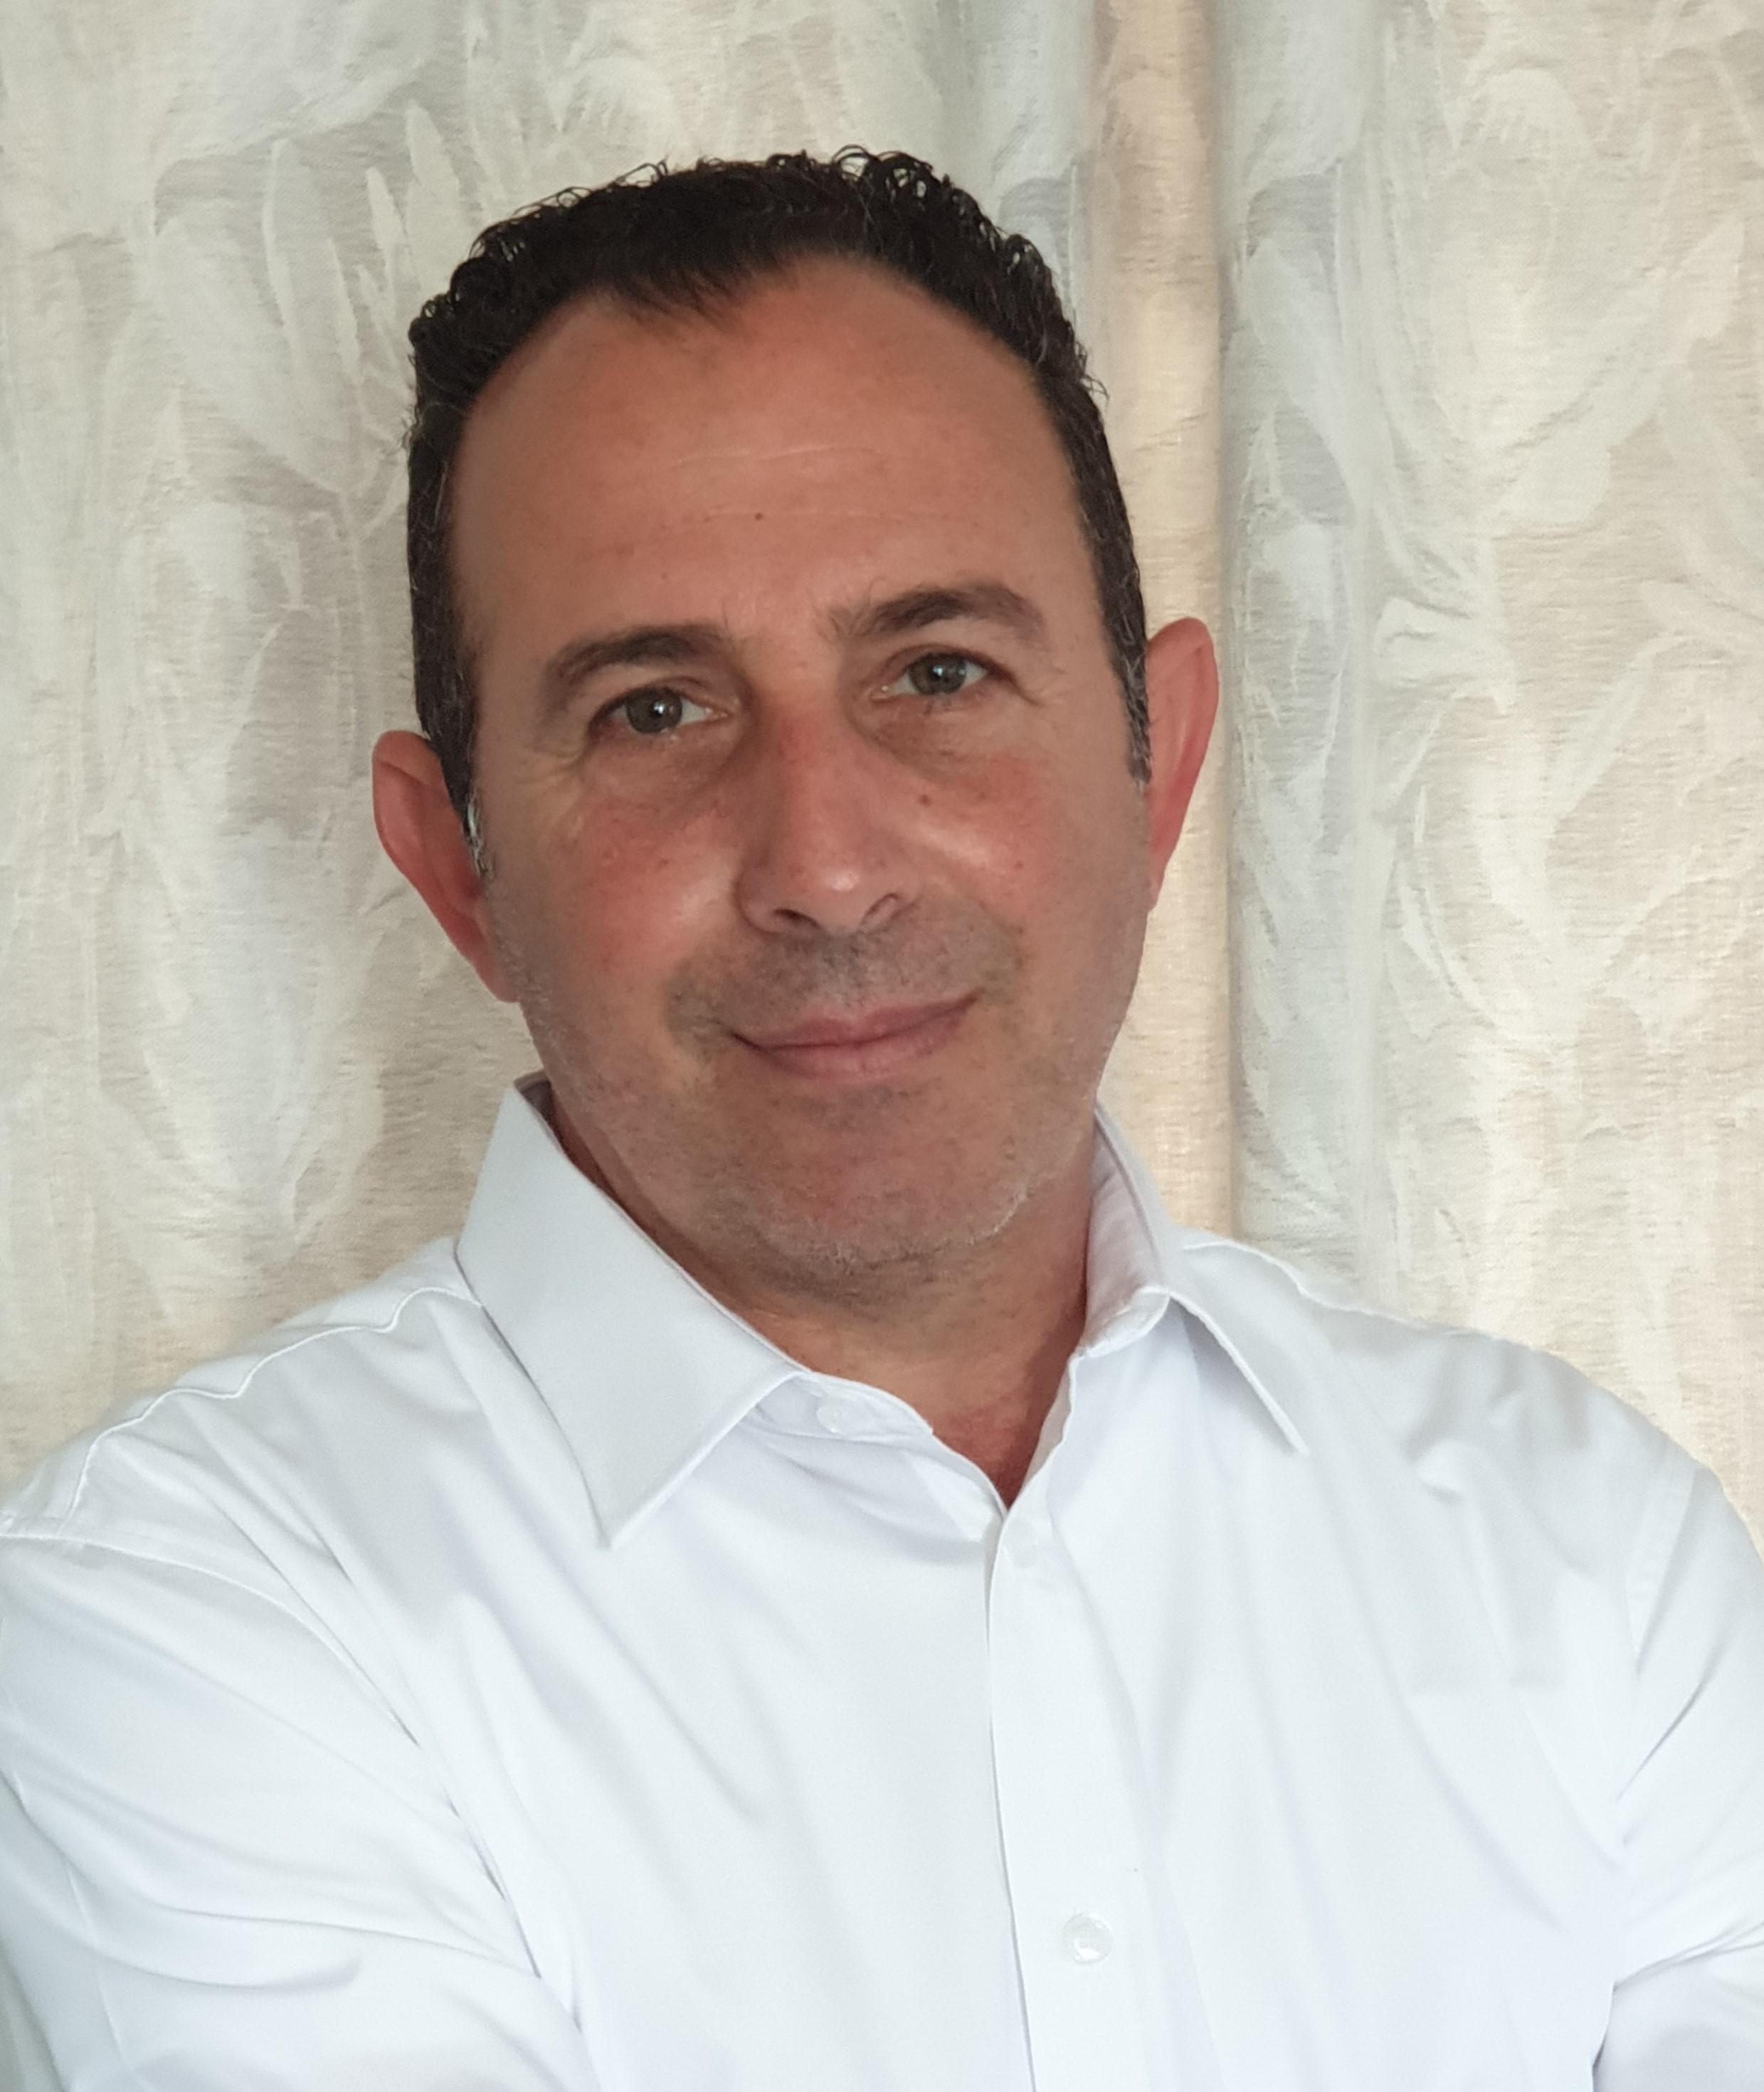 Antonio Mastrodonato